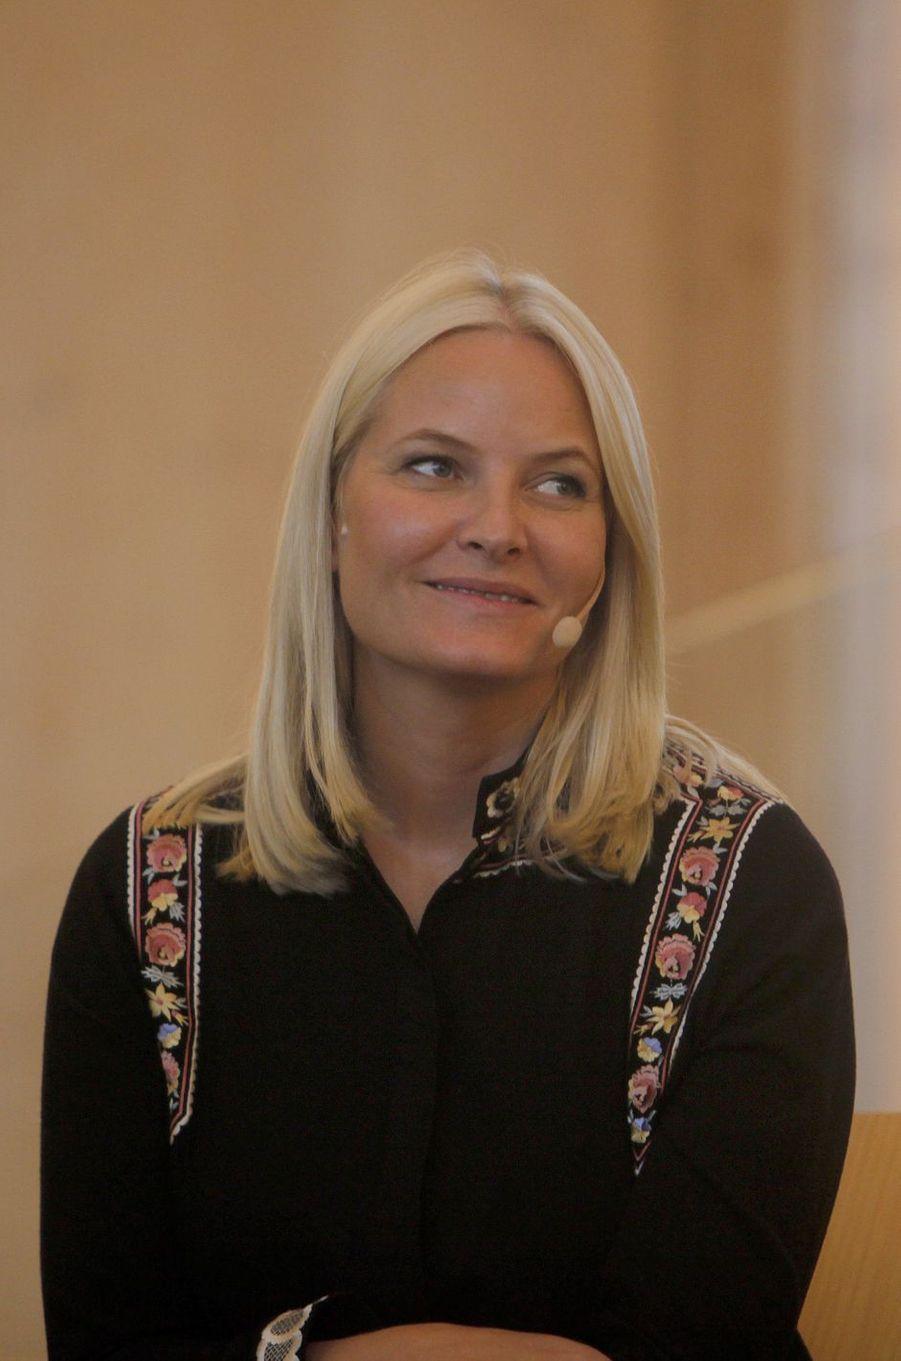 La princesse Mette-Marit de Norvège, dans le sud du pays, le 9 juin 2017